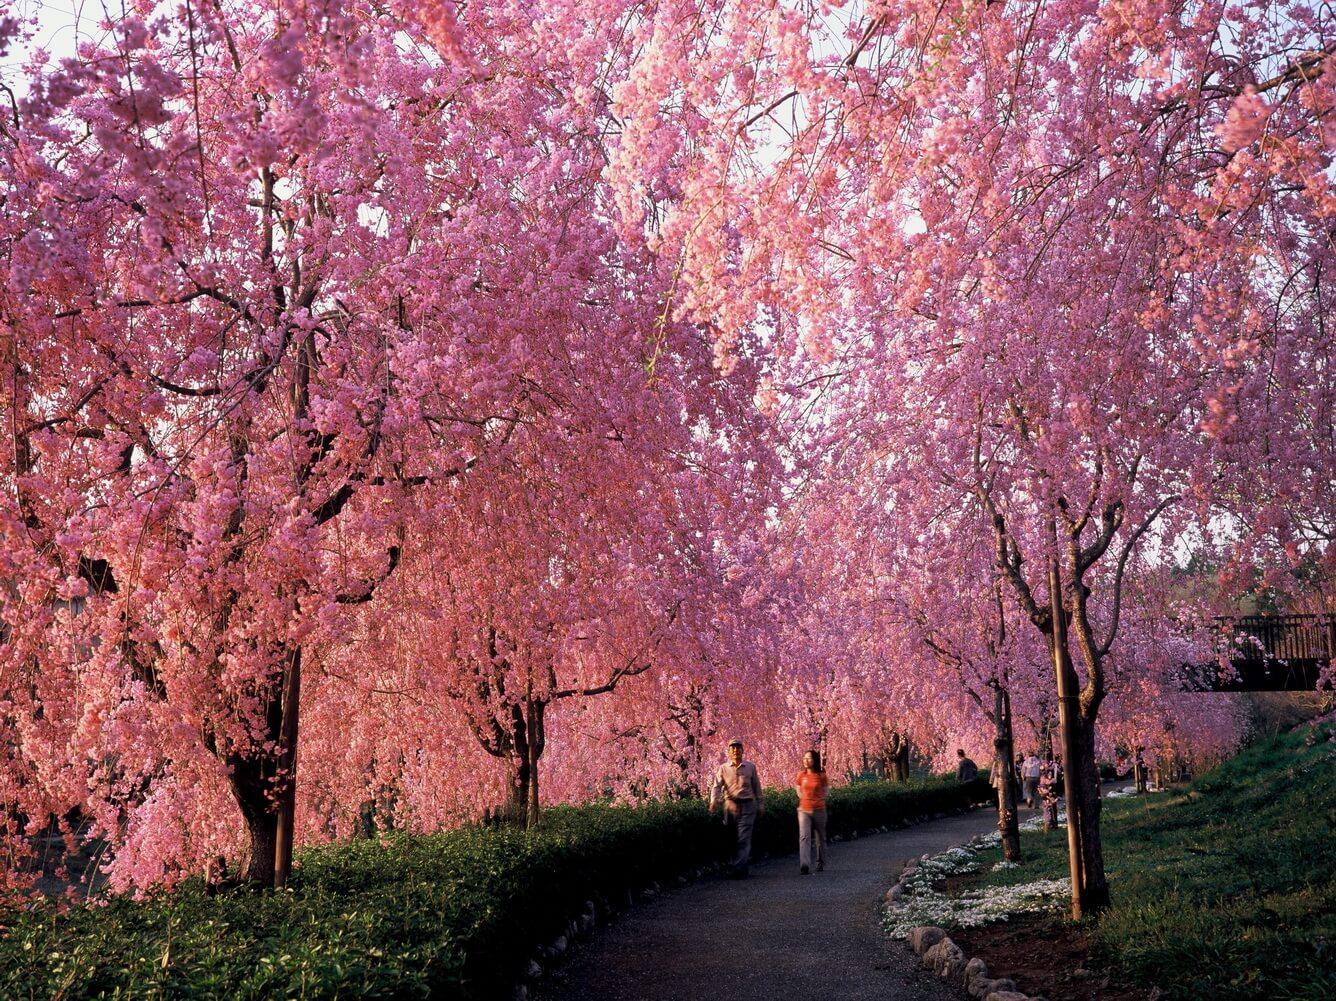 2. Con đường hoa anh đào cánh rủ trên ngọn đồi Hitachi Fudoki